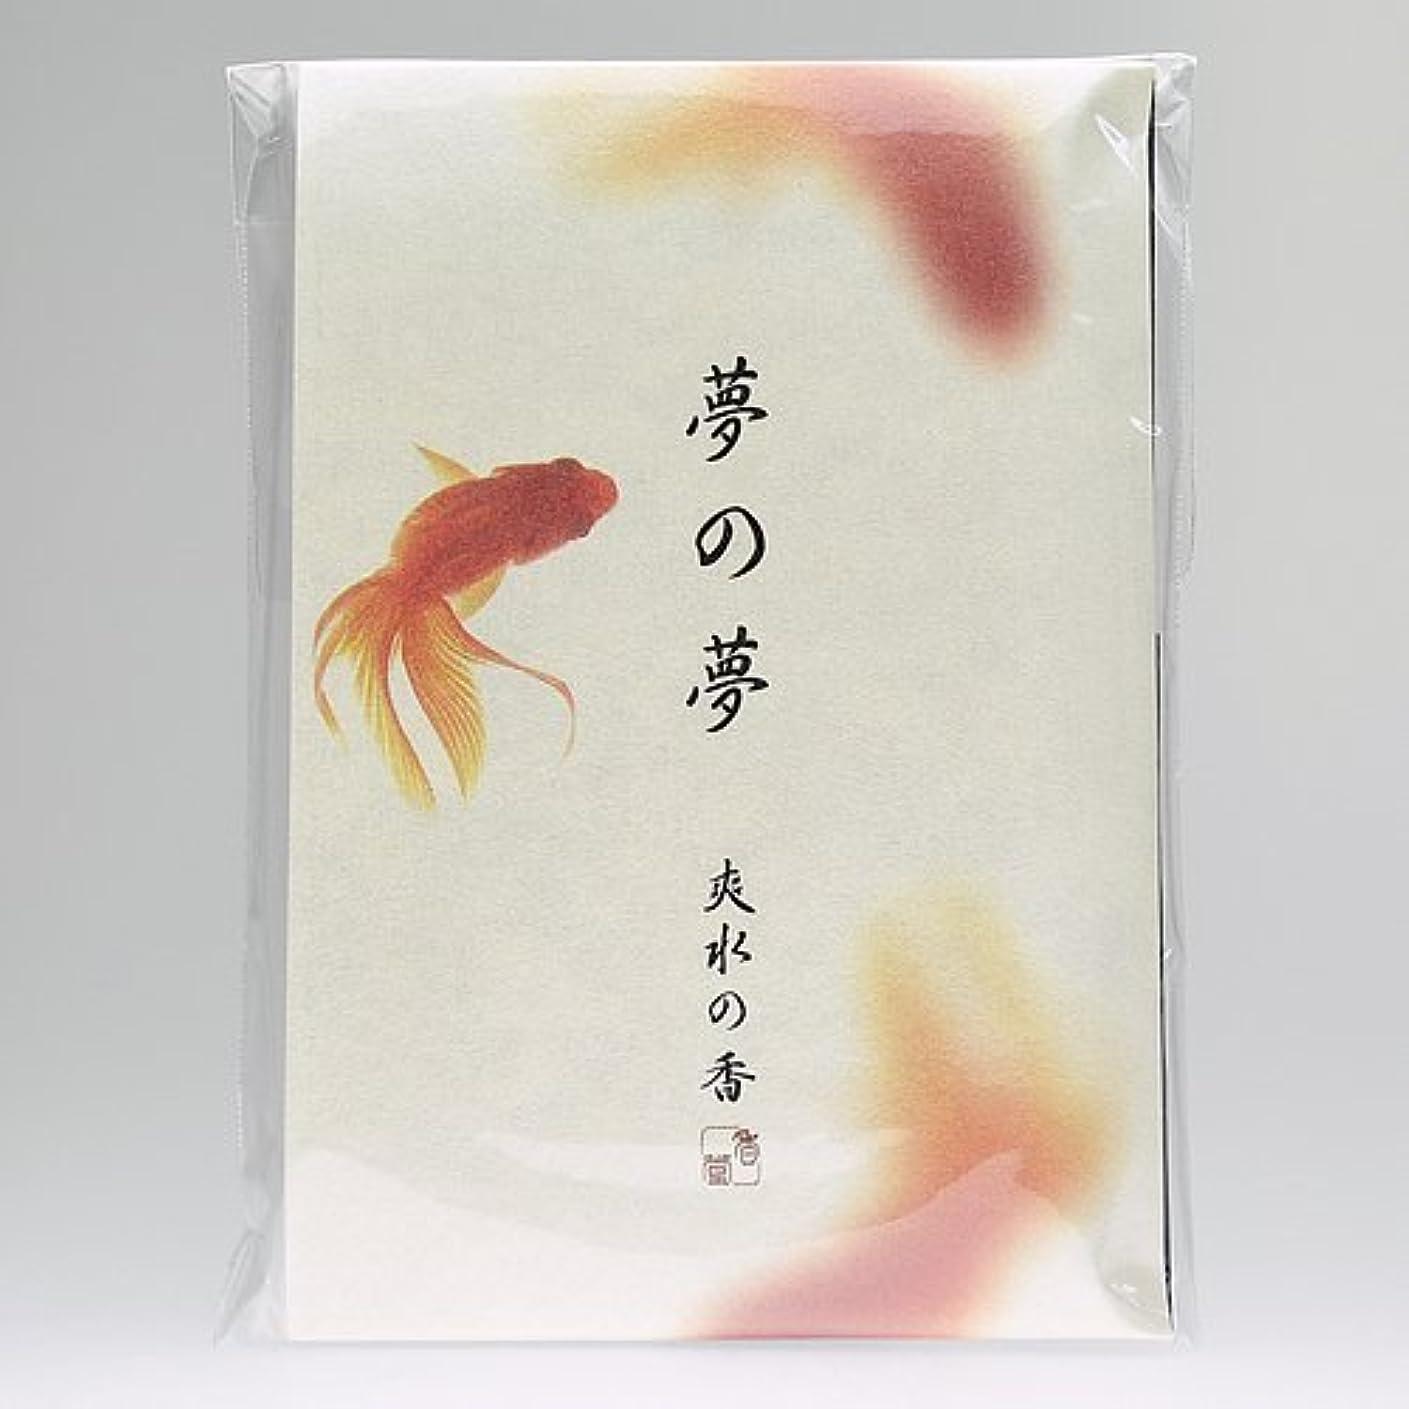 探すパラナ川日光夢の夢 爽水の香 (金魚) スティック12本入